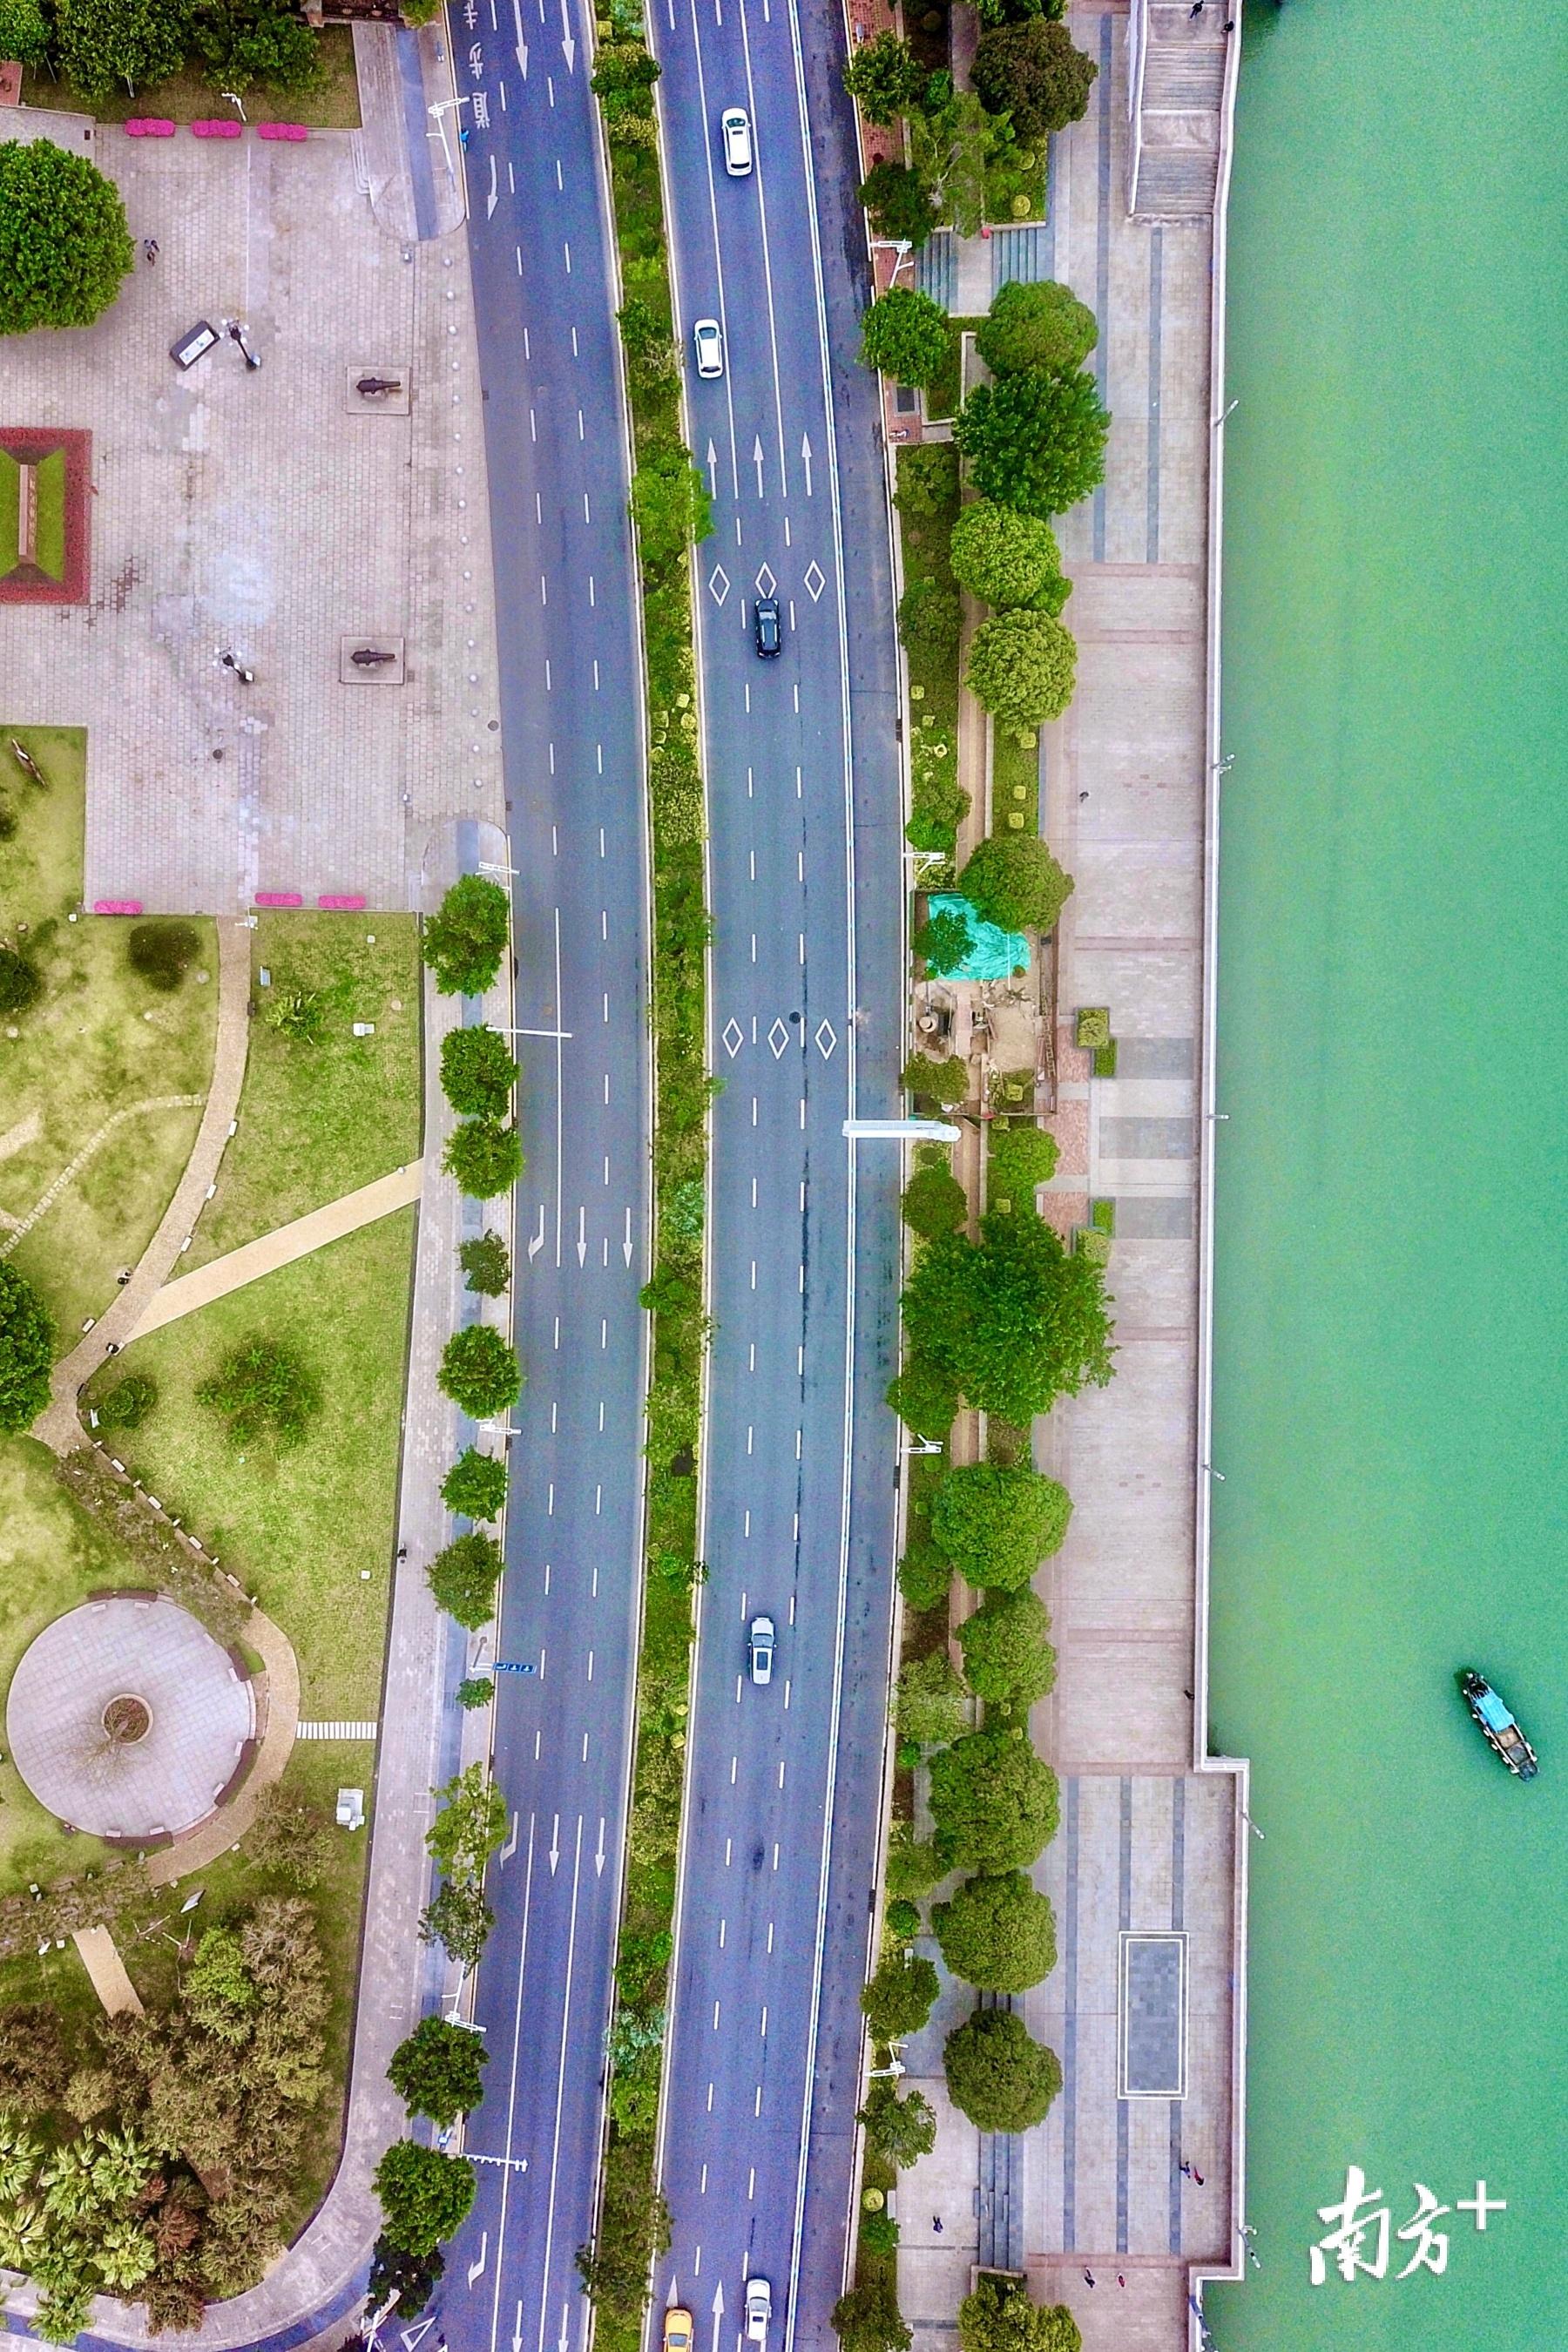 近年来,随着道路改造升级,主干道成了城市的颜值担当。